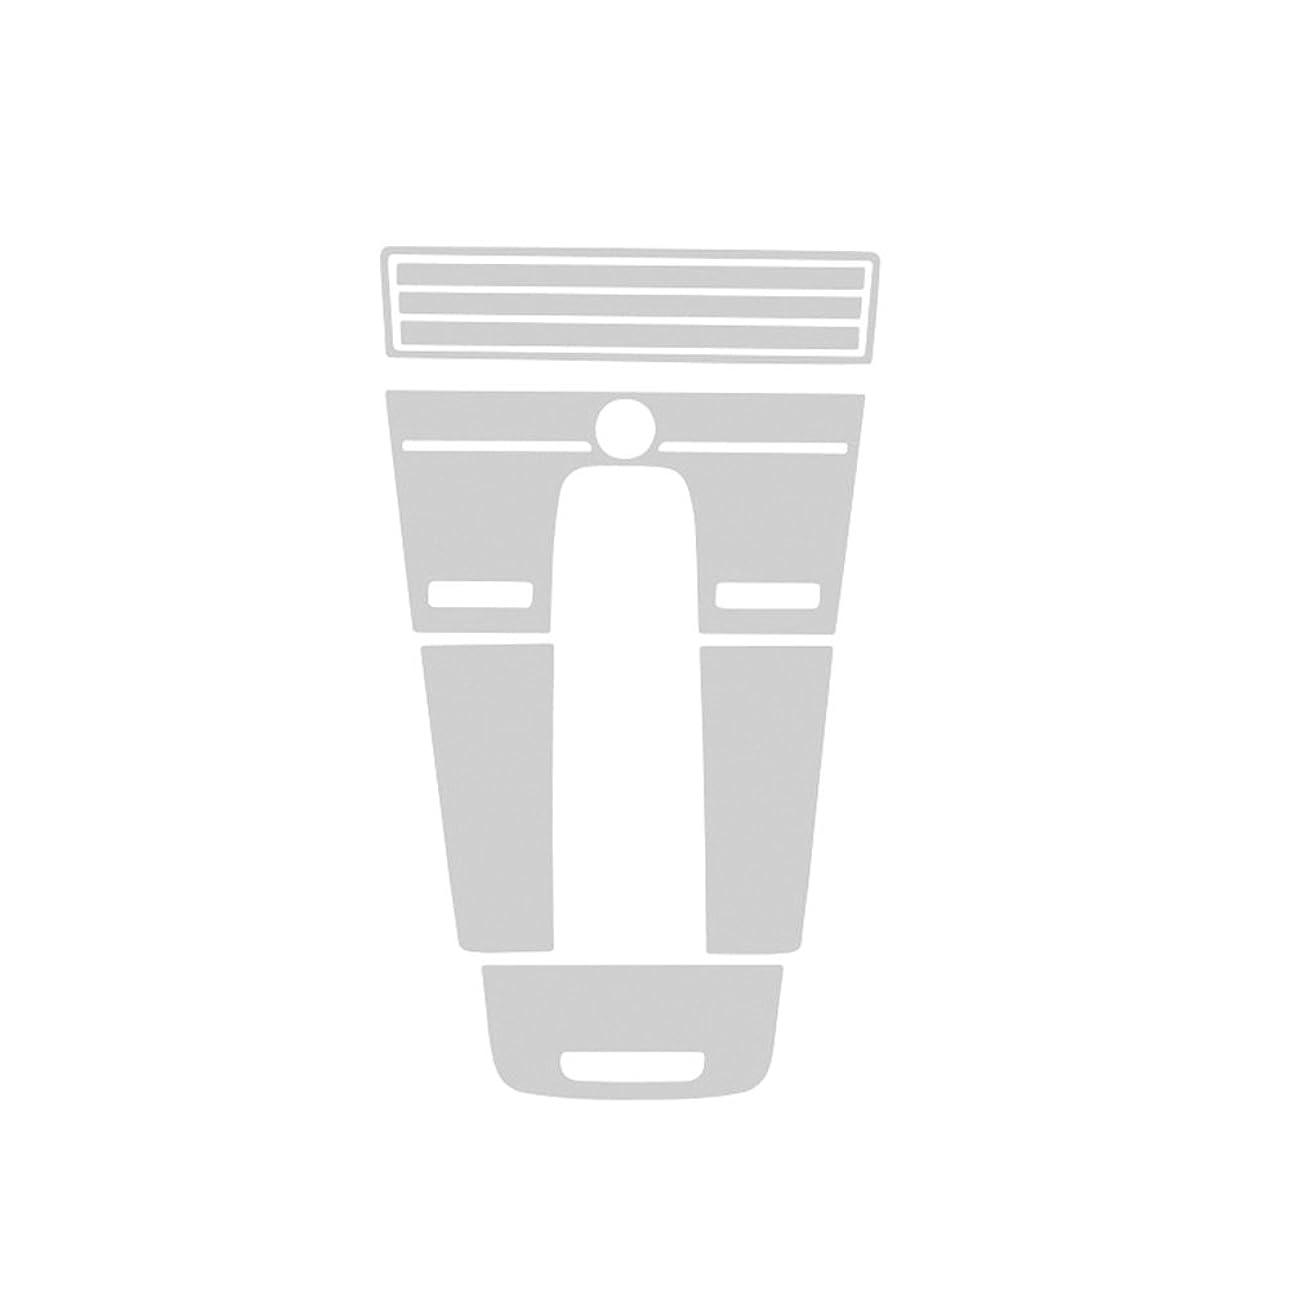 短命ブローアピールセンター コントロール ギア フィルム 保護 リム「ポルシェ?パナメーラ Porsche Panamera 二代目 2017-2018」に適合